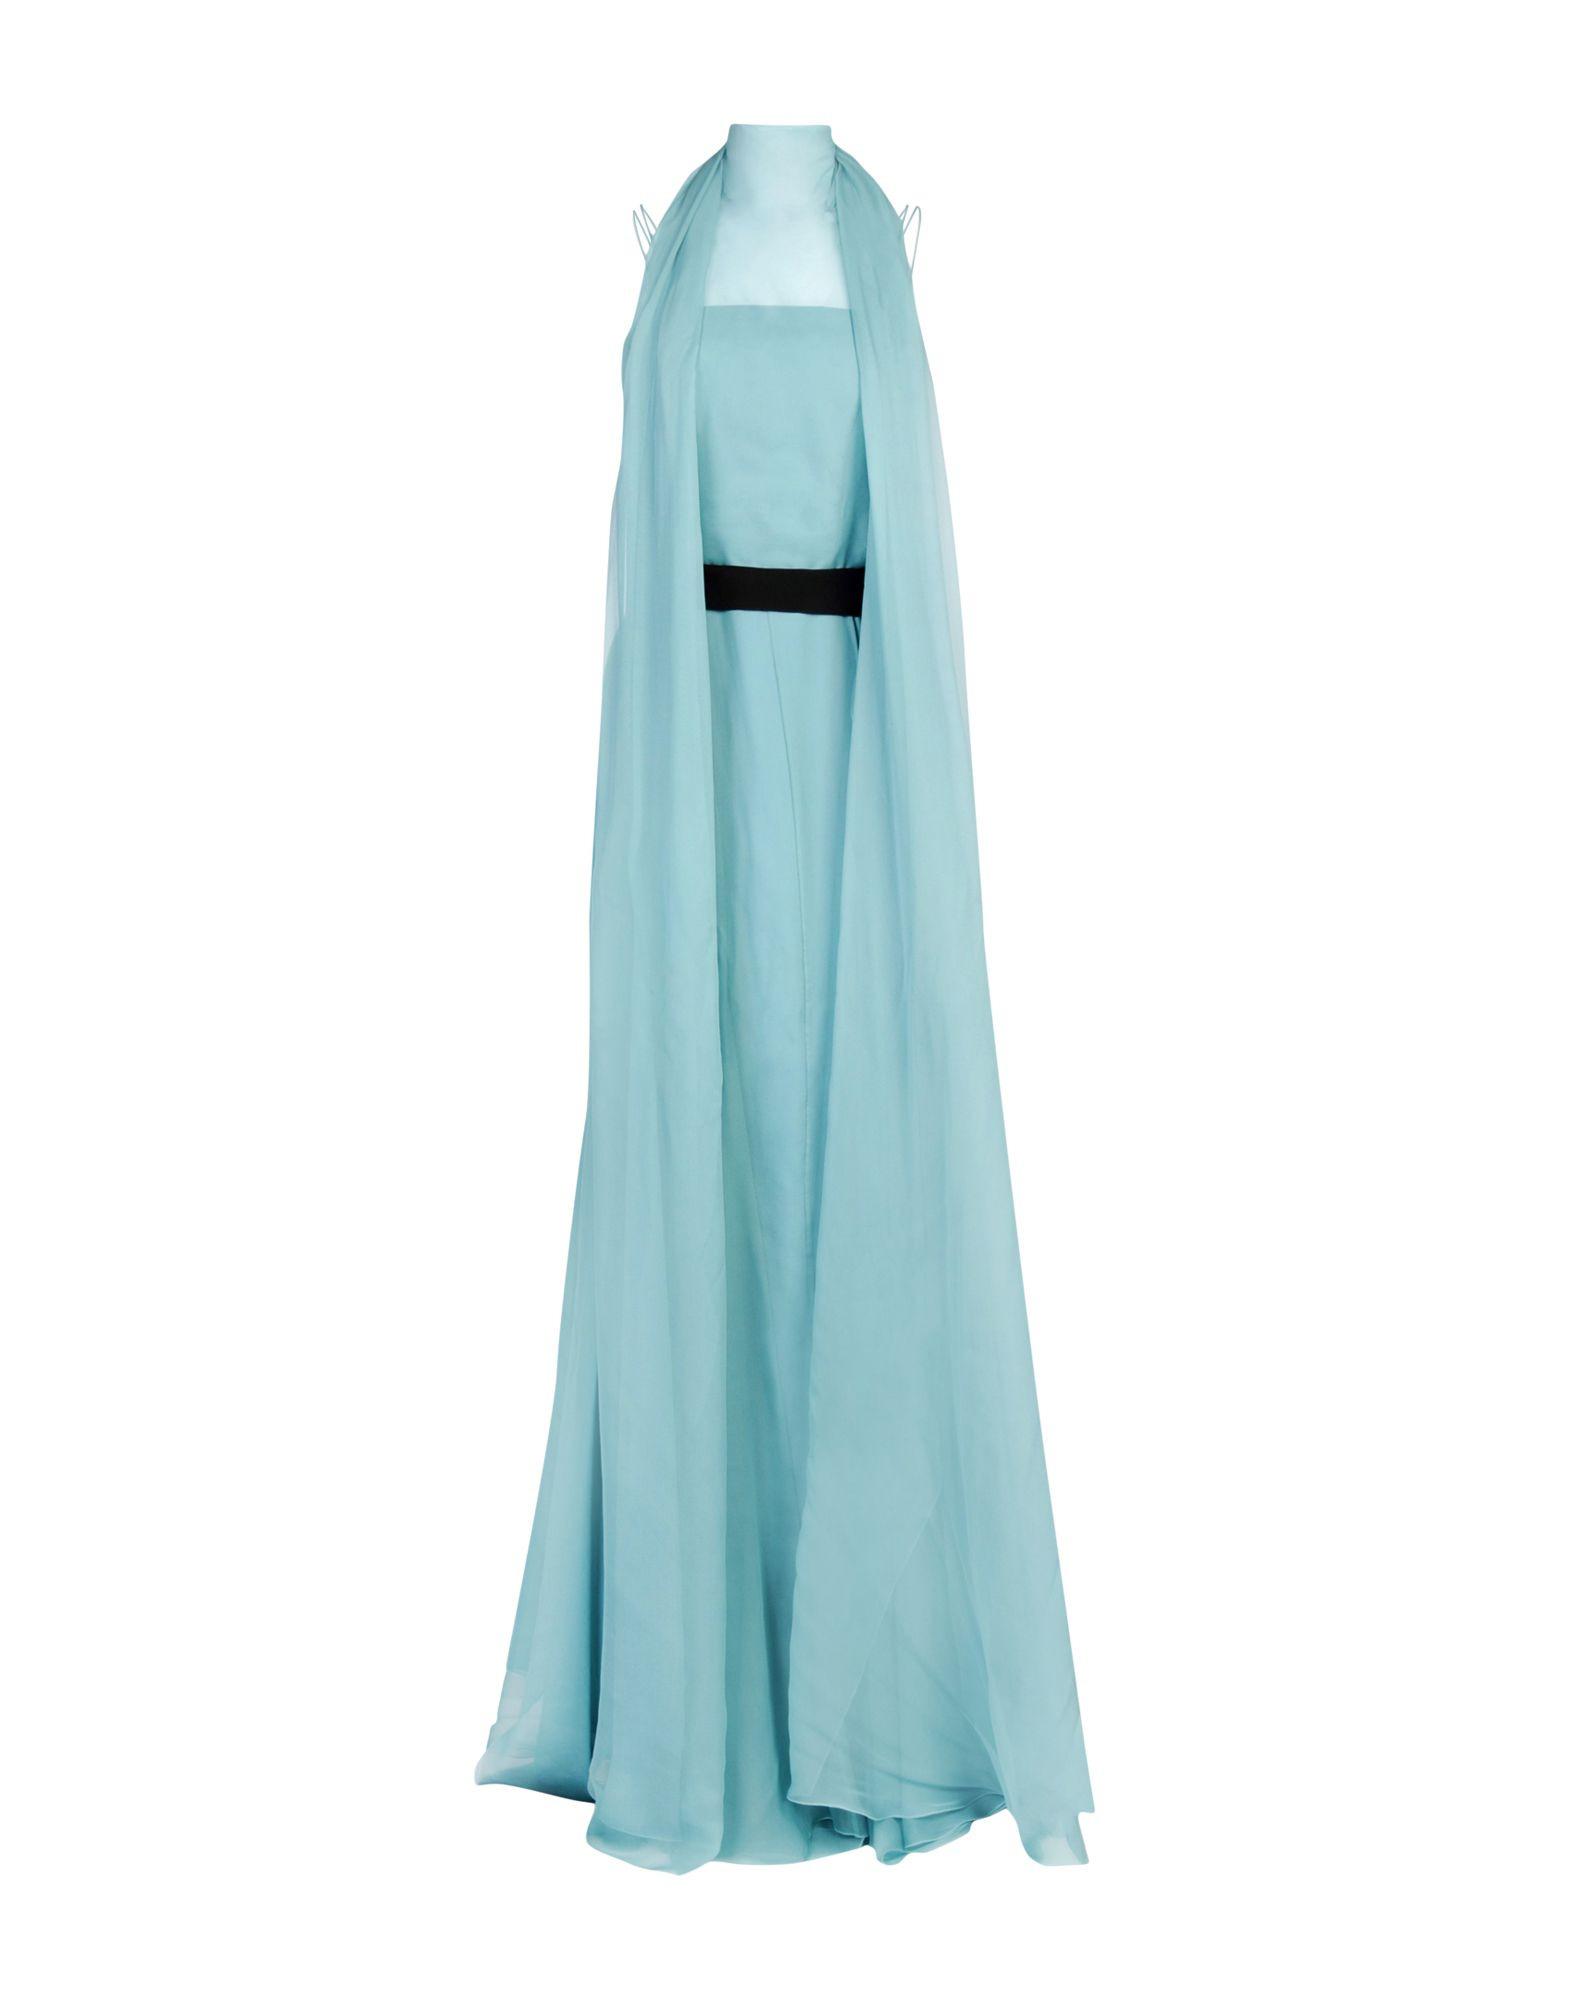 Schön Abendkleid Yoox Galerie17 Spektakulär Abendkleid Yoox für 2019